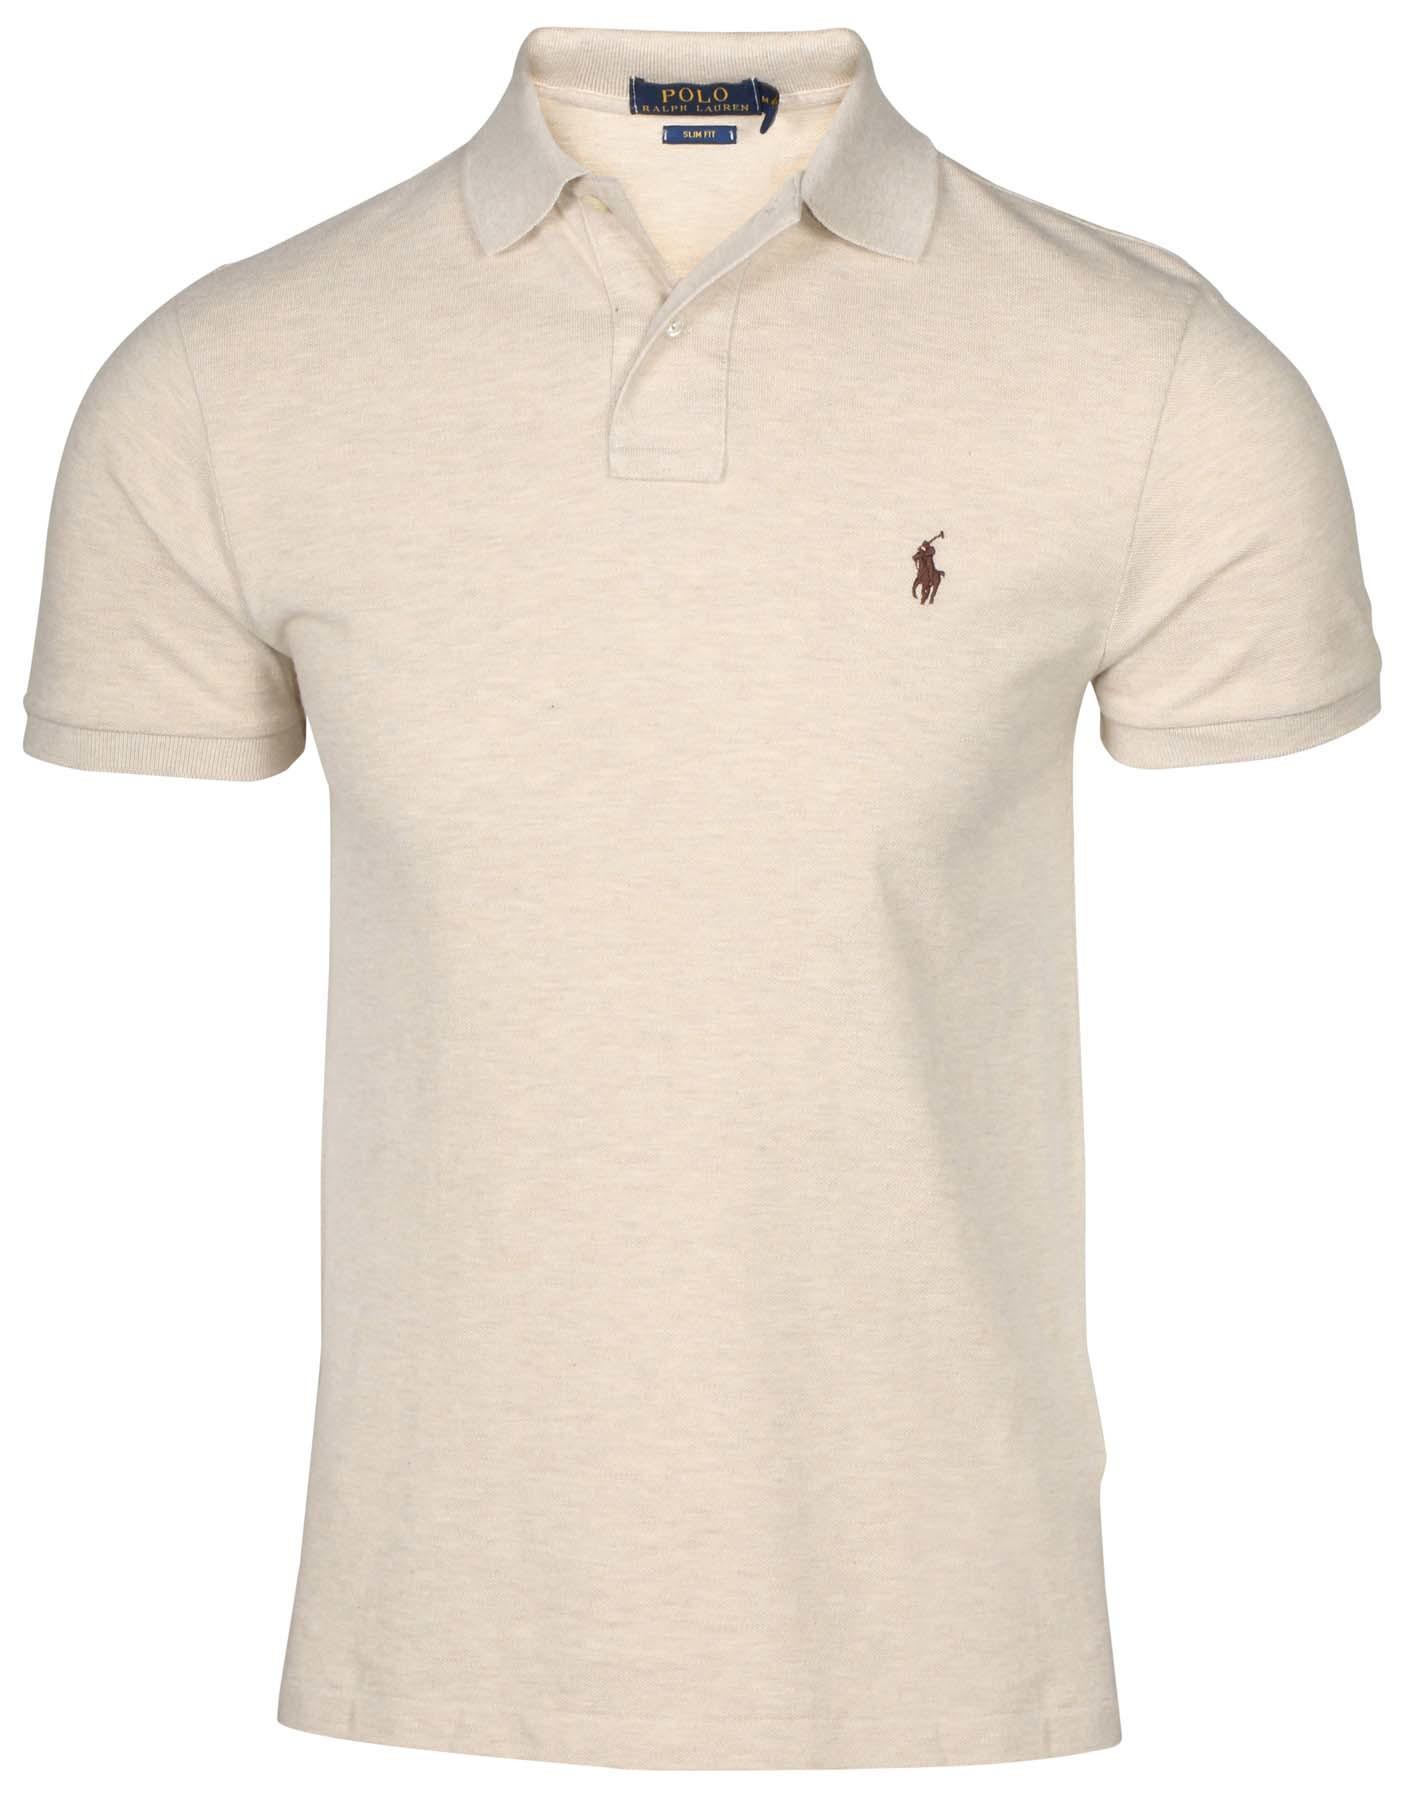 f61104a67e6ac ... get polo ralph lauren hombre slim fit mesh pony shirt dune tan medium  comprar en ecuador